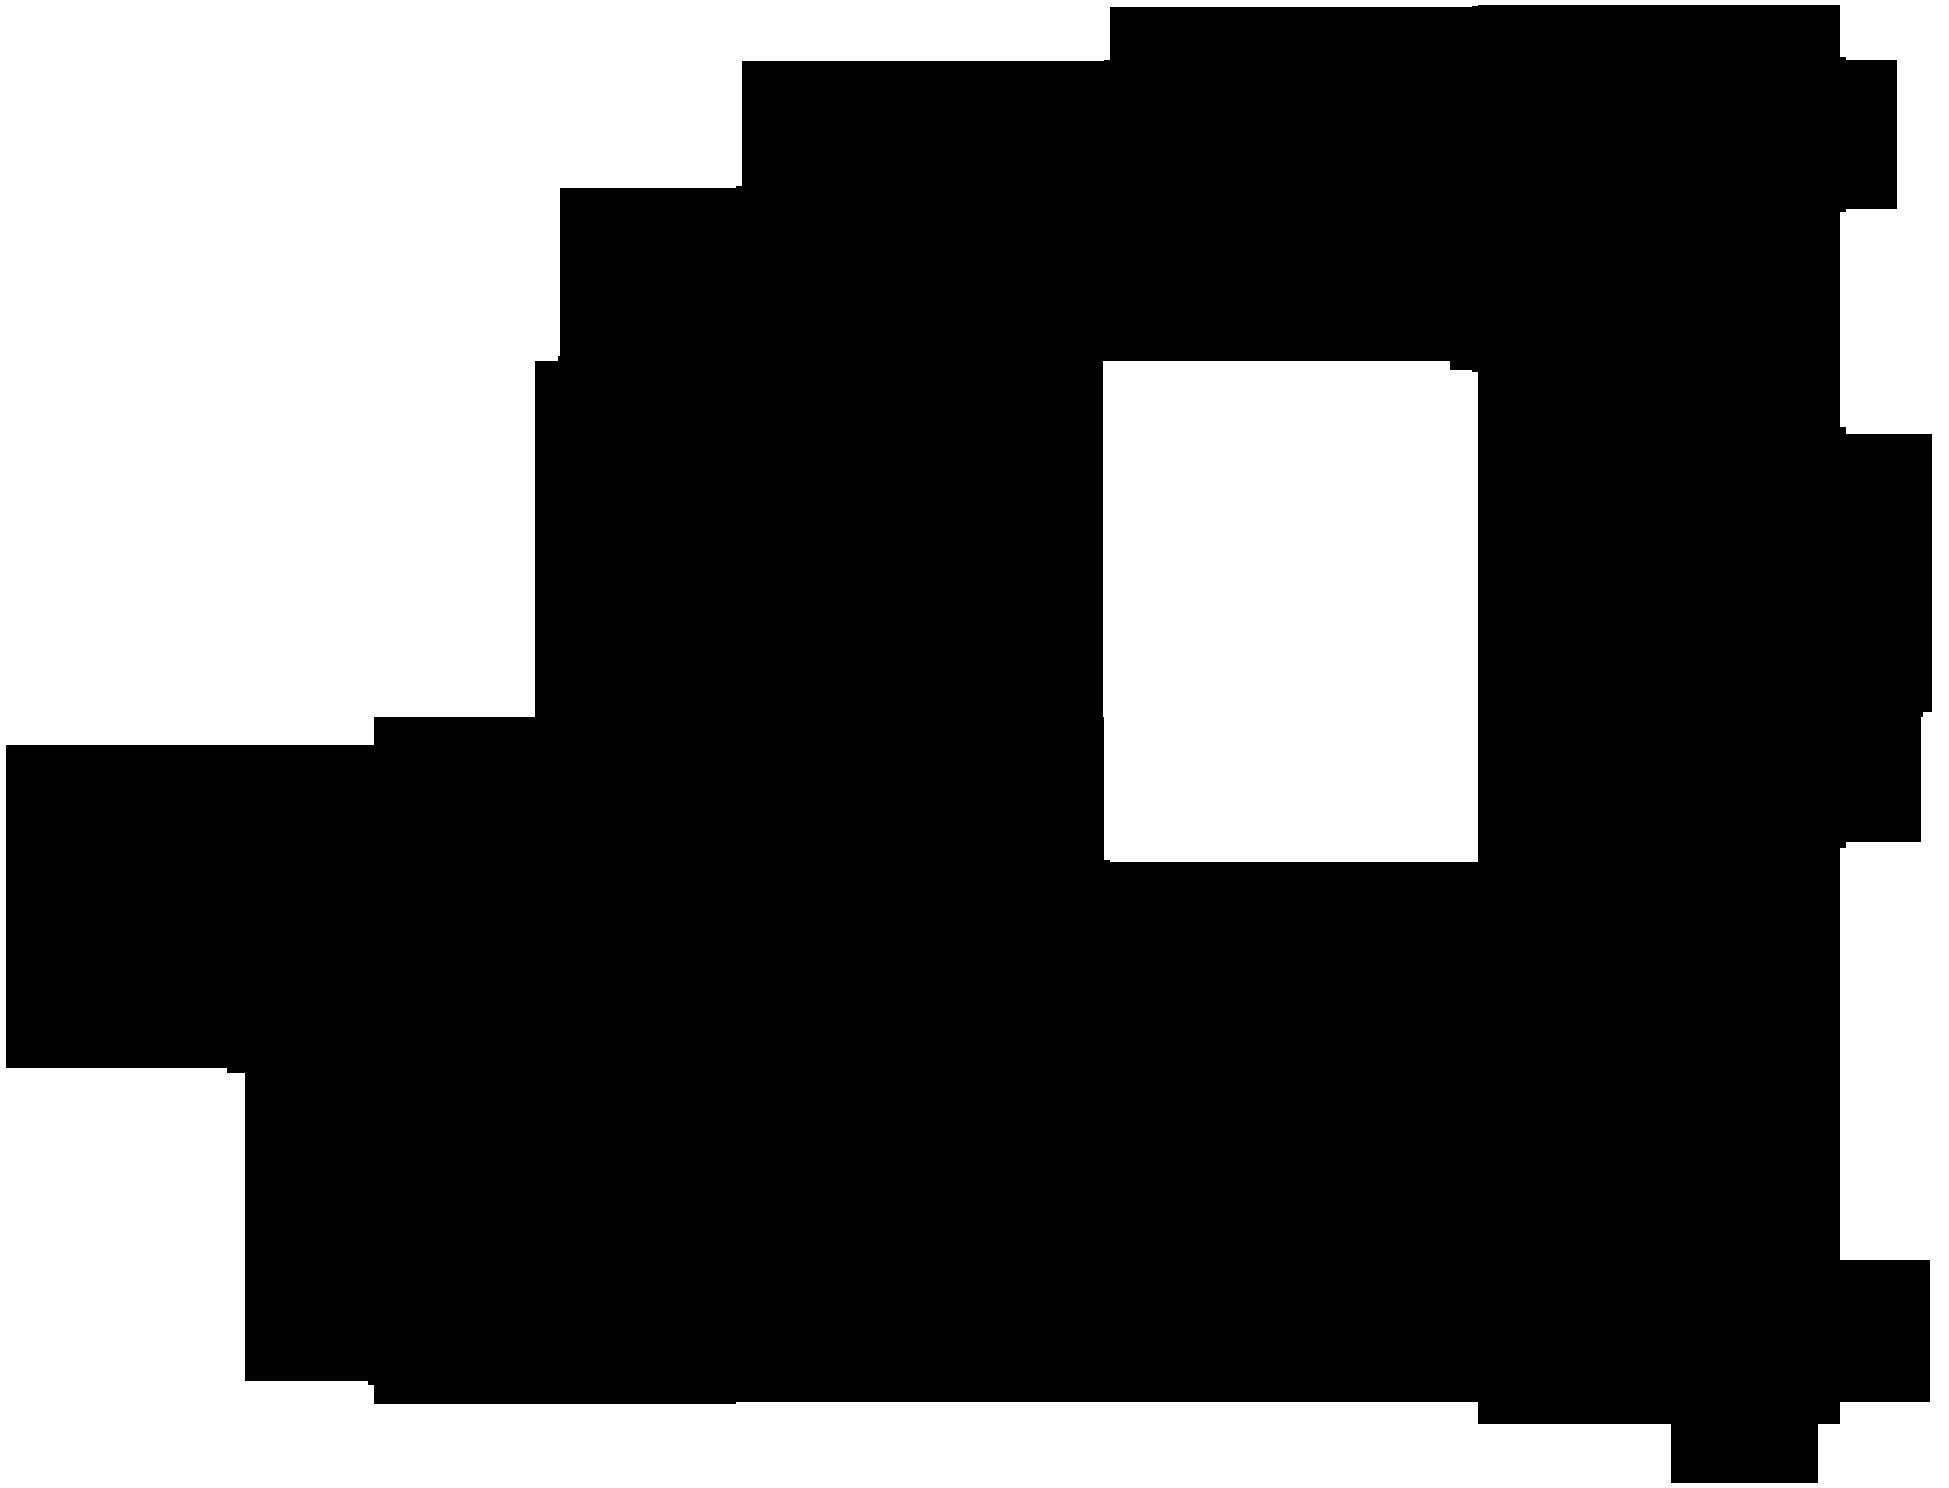 Baie Slings logo